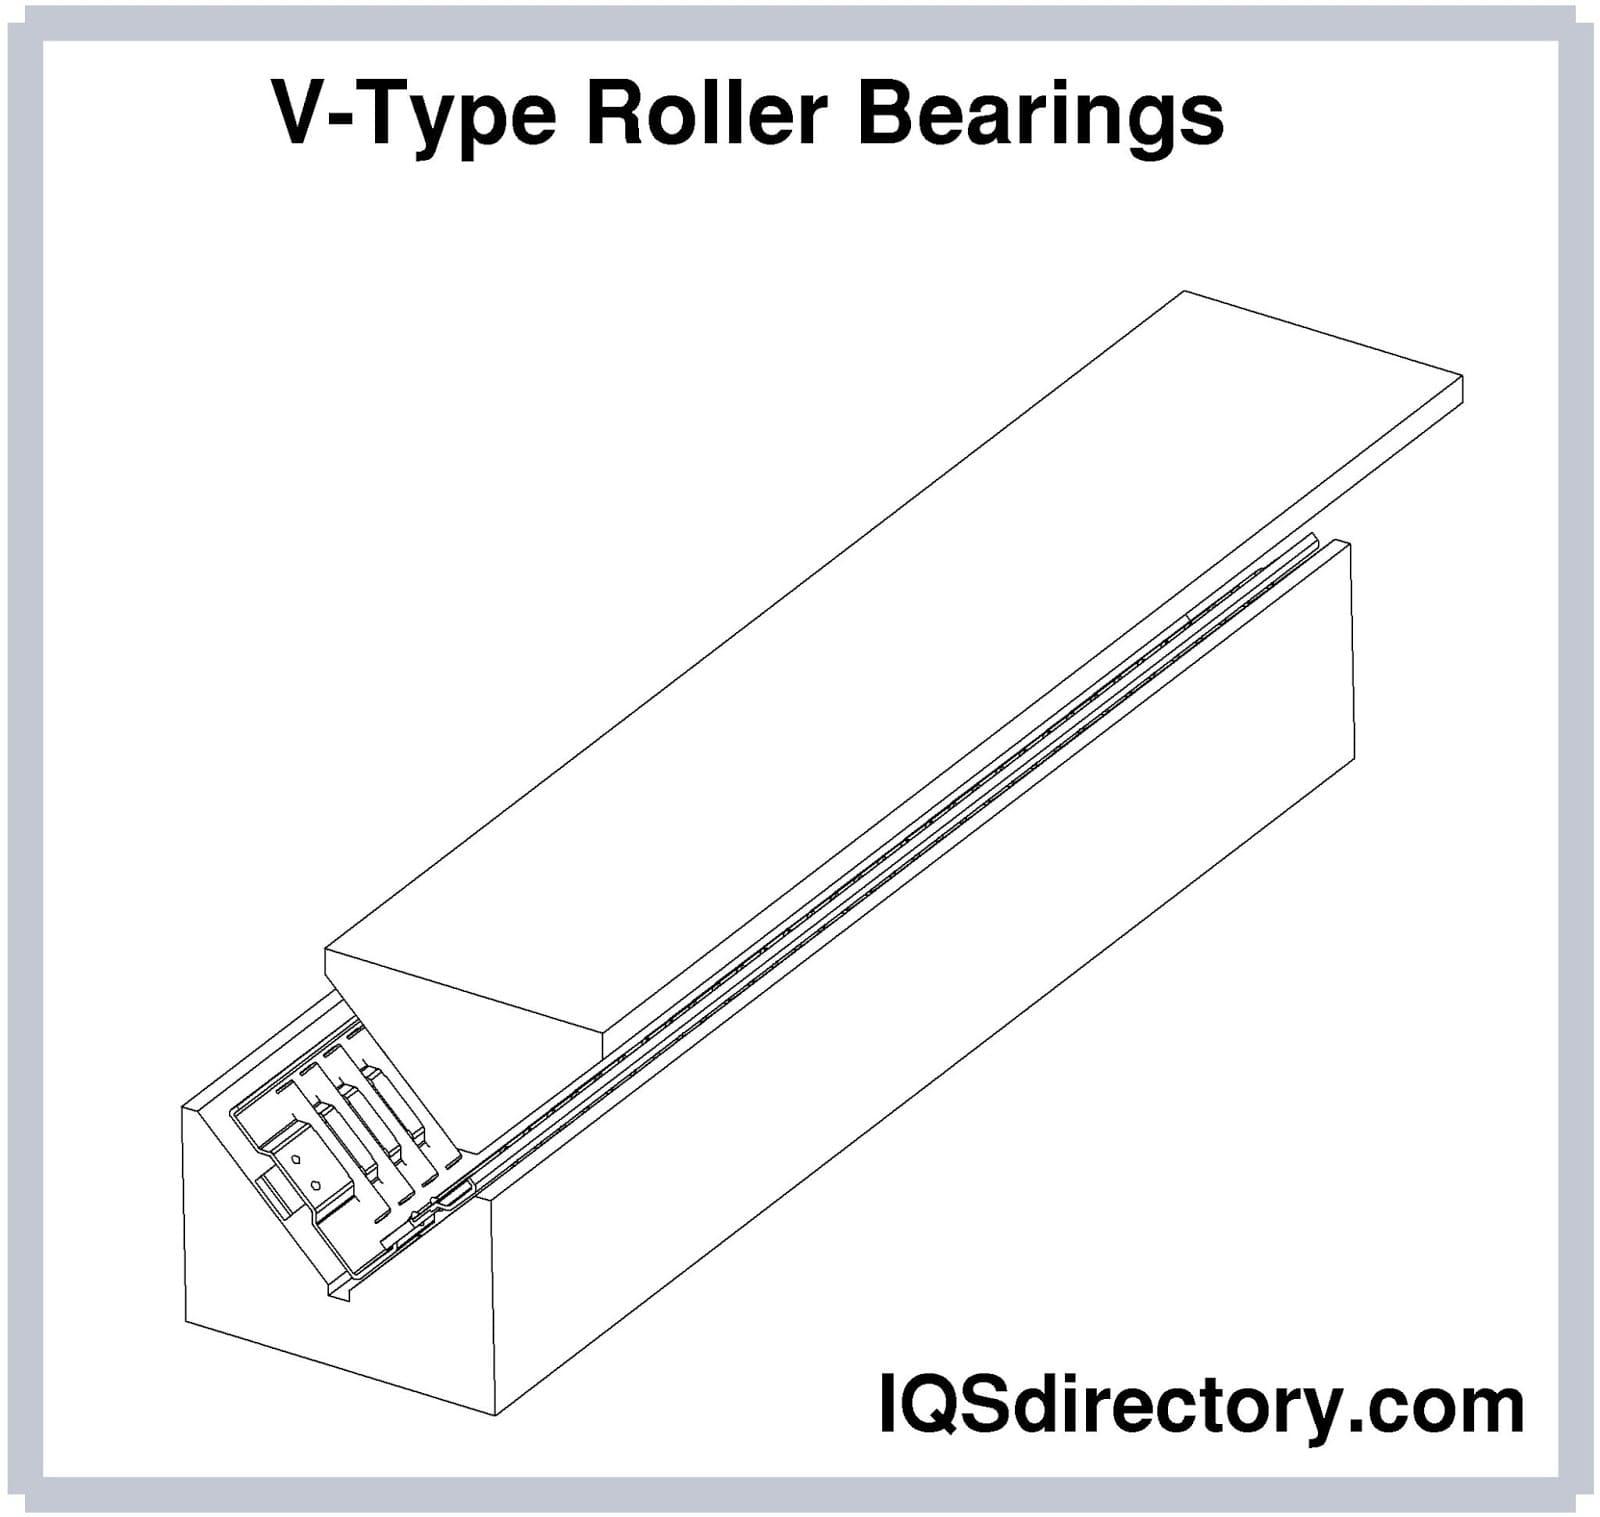 V-Type Roller Bearings